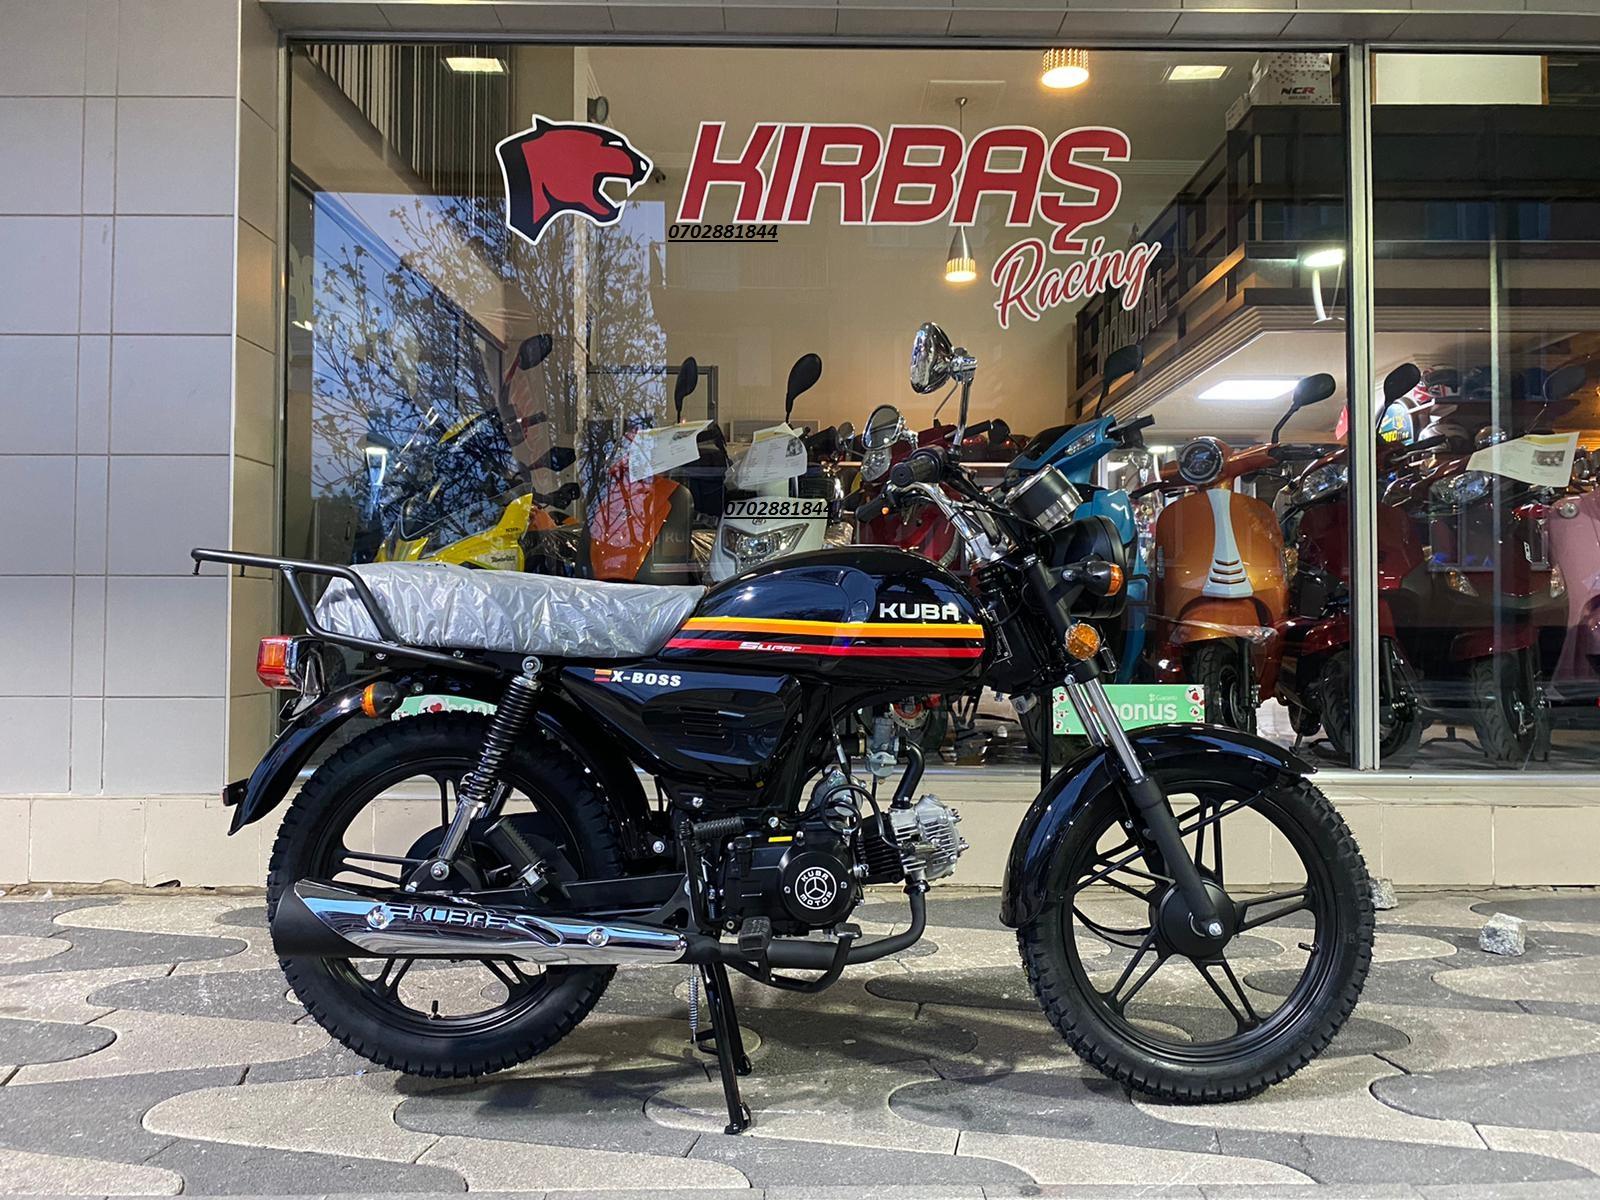 Kuba x boss mopedleri kreditle verilir Tek sexsiyyet